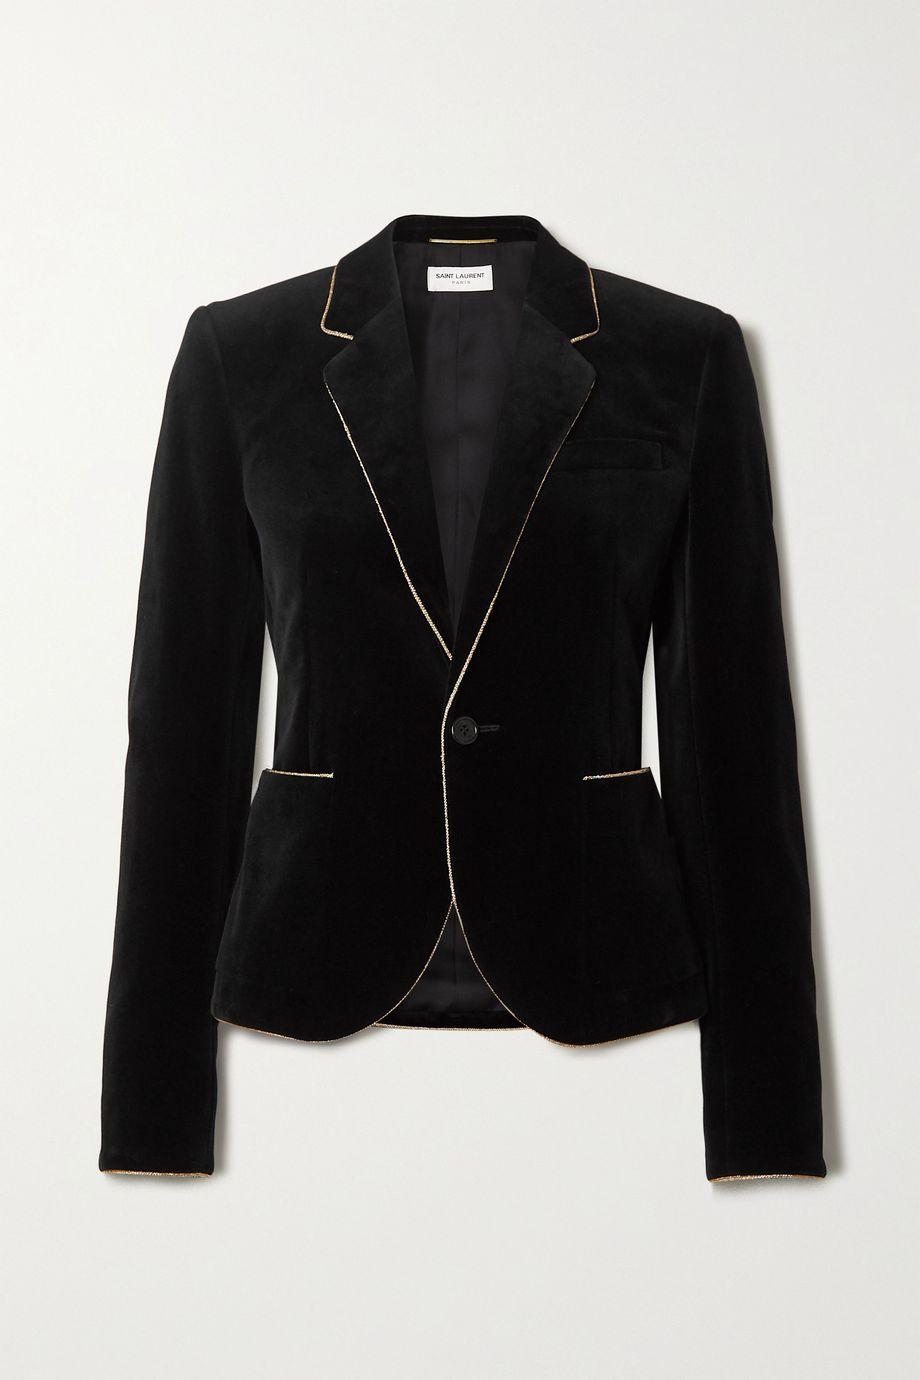 SAINT LAURENT Metallic-trimmed velvet blazer